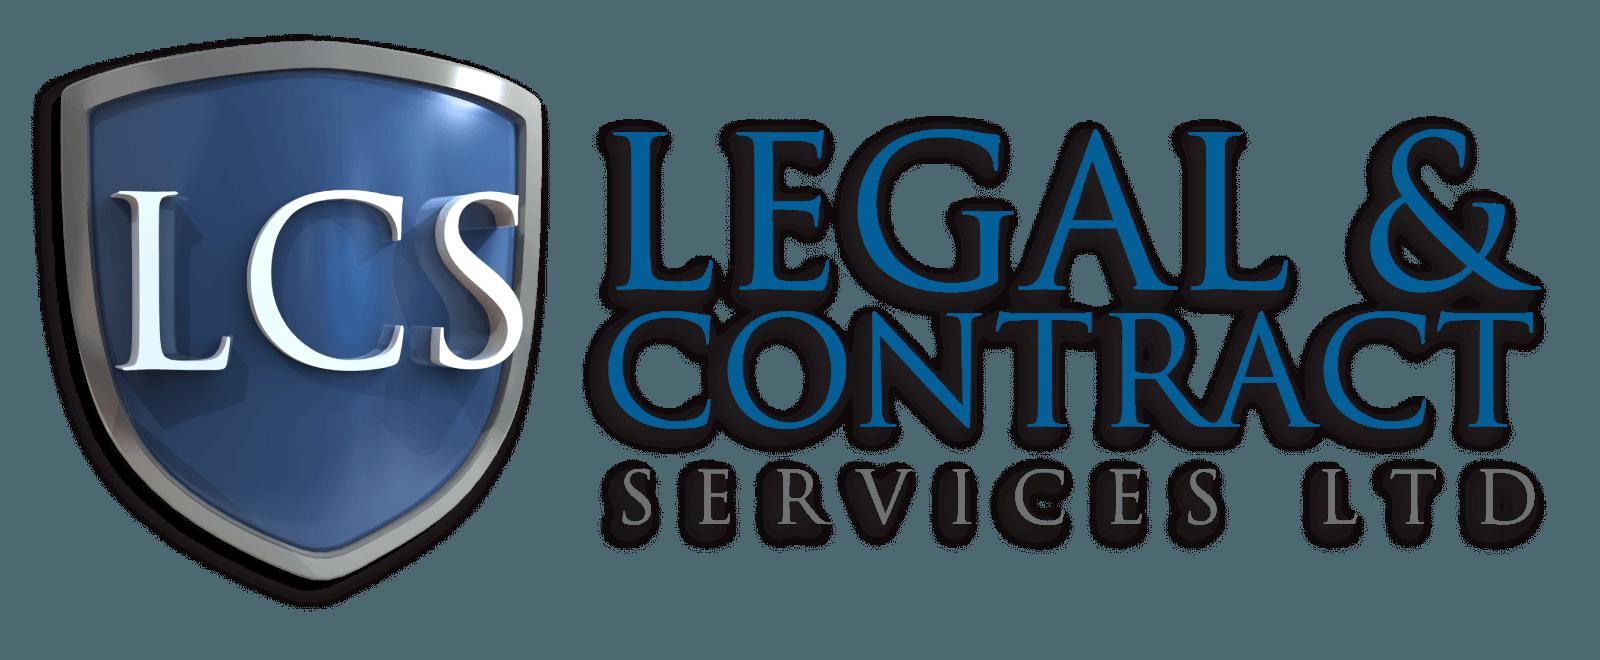 LCS Portal